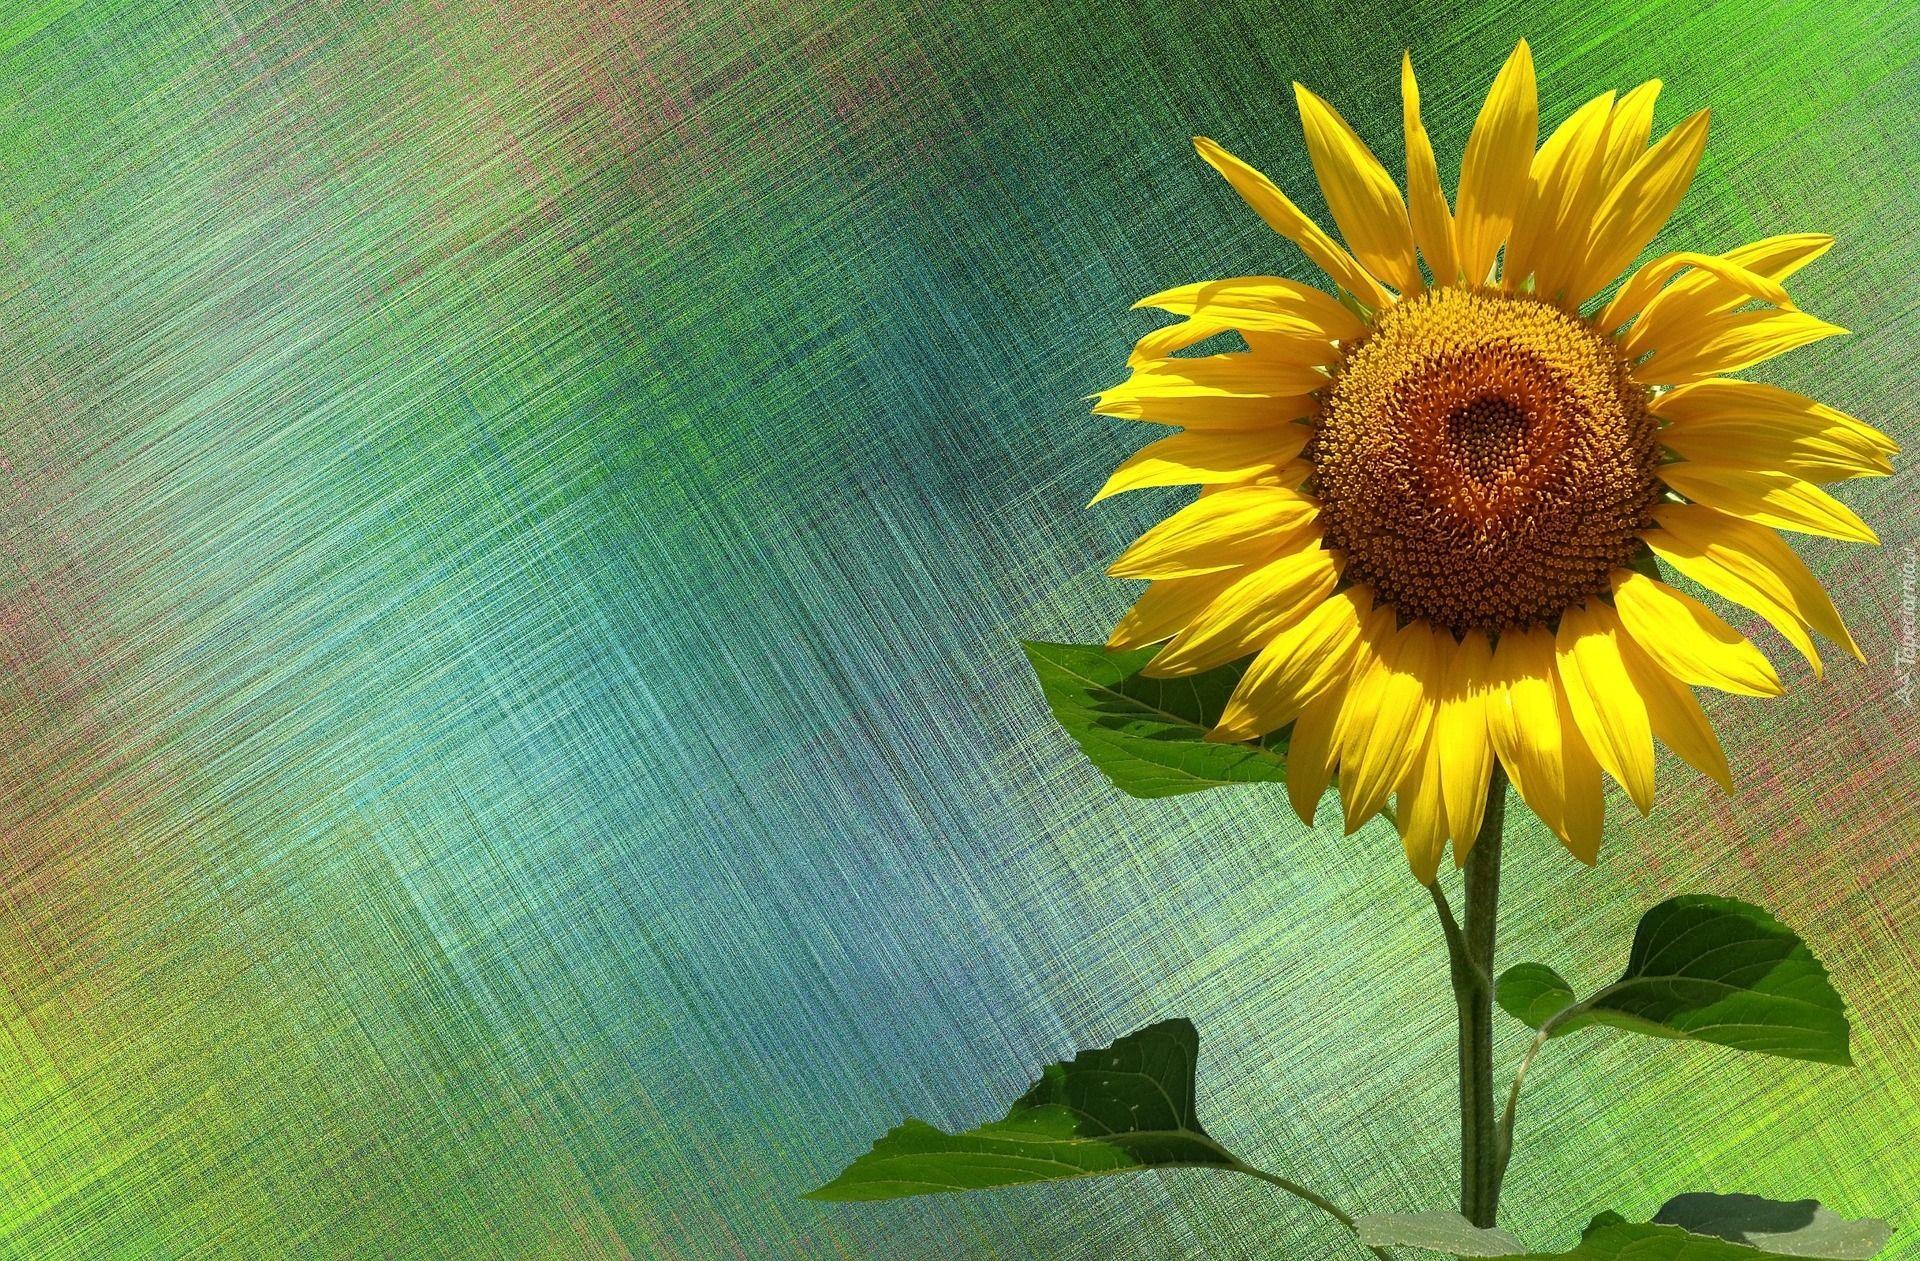 Edycja Tapety Slonecznik Zwyczajny Sunflower Illustration Sunflower Illustration